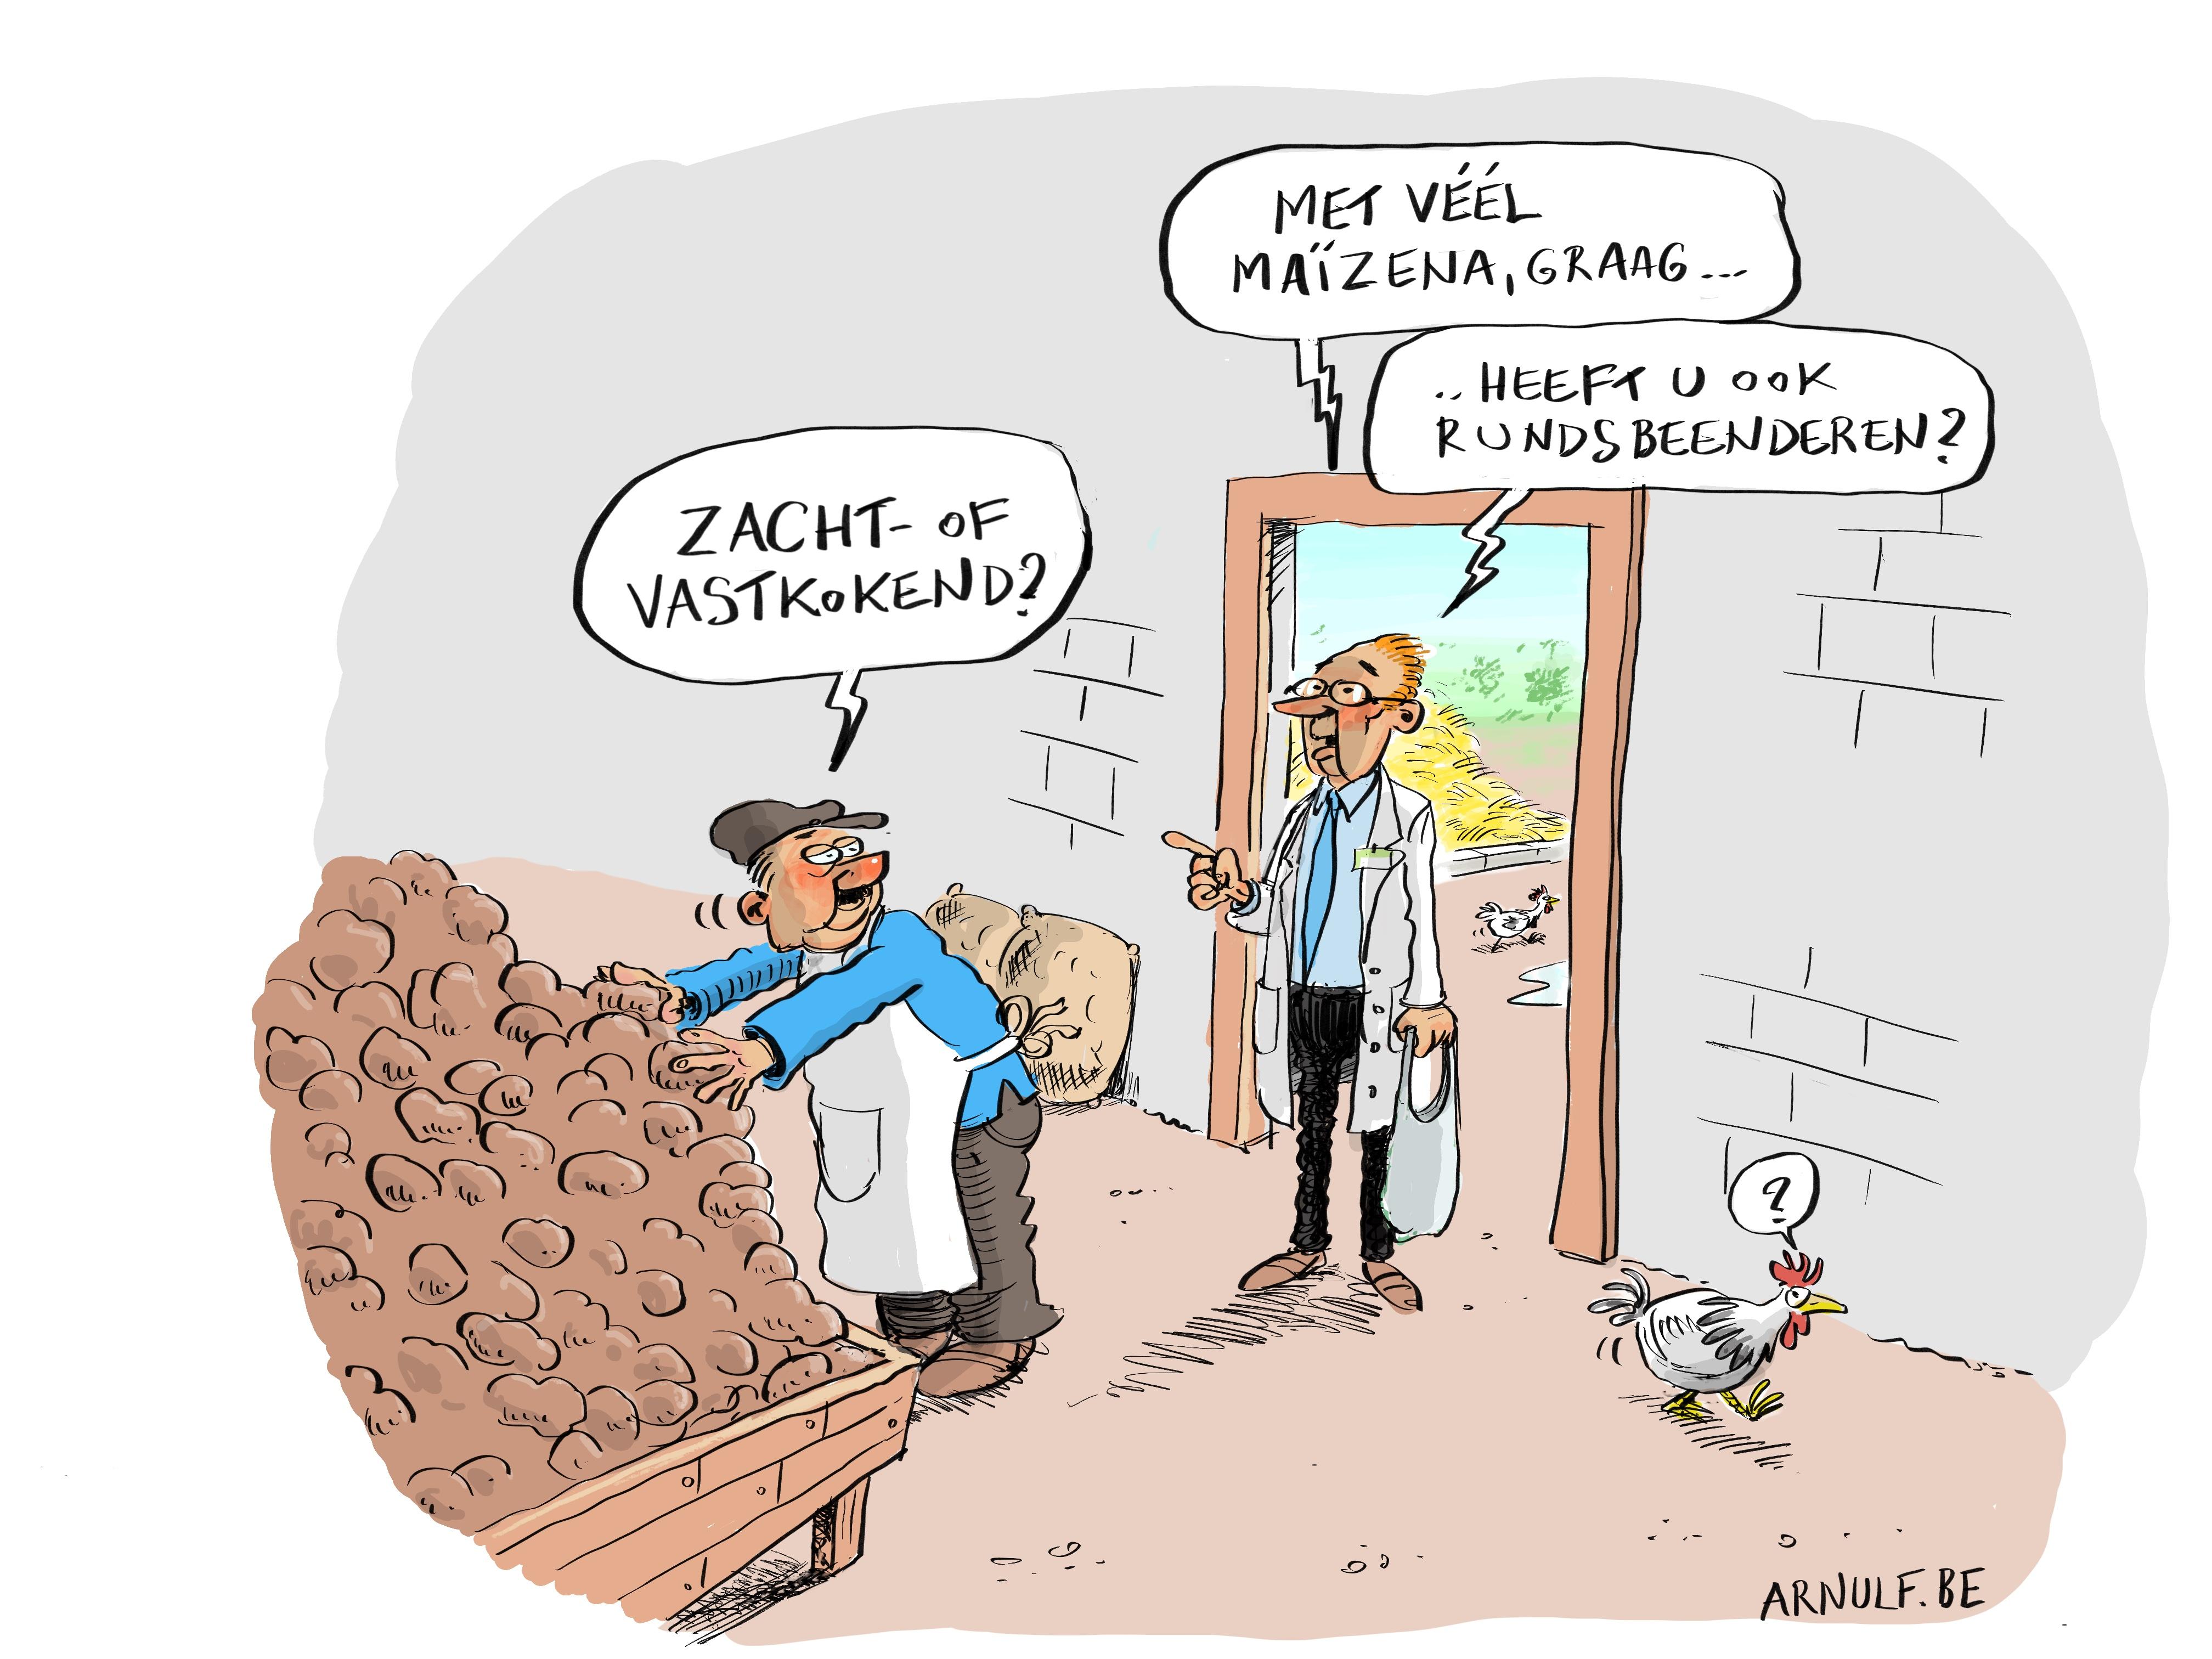 Bert Van den Bogerd